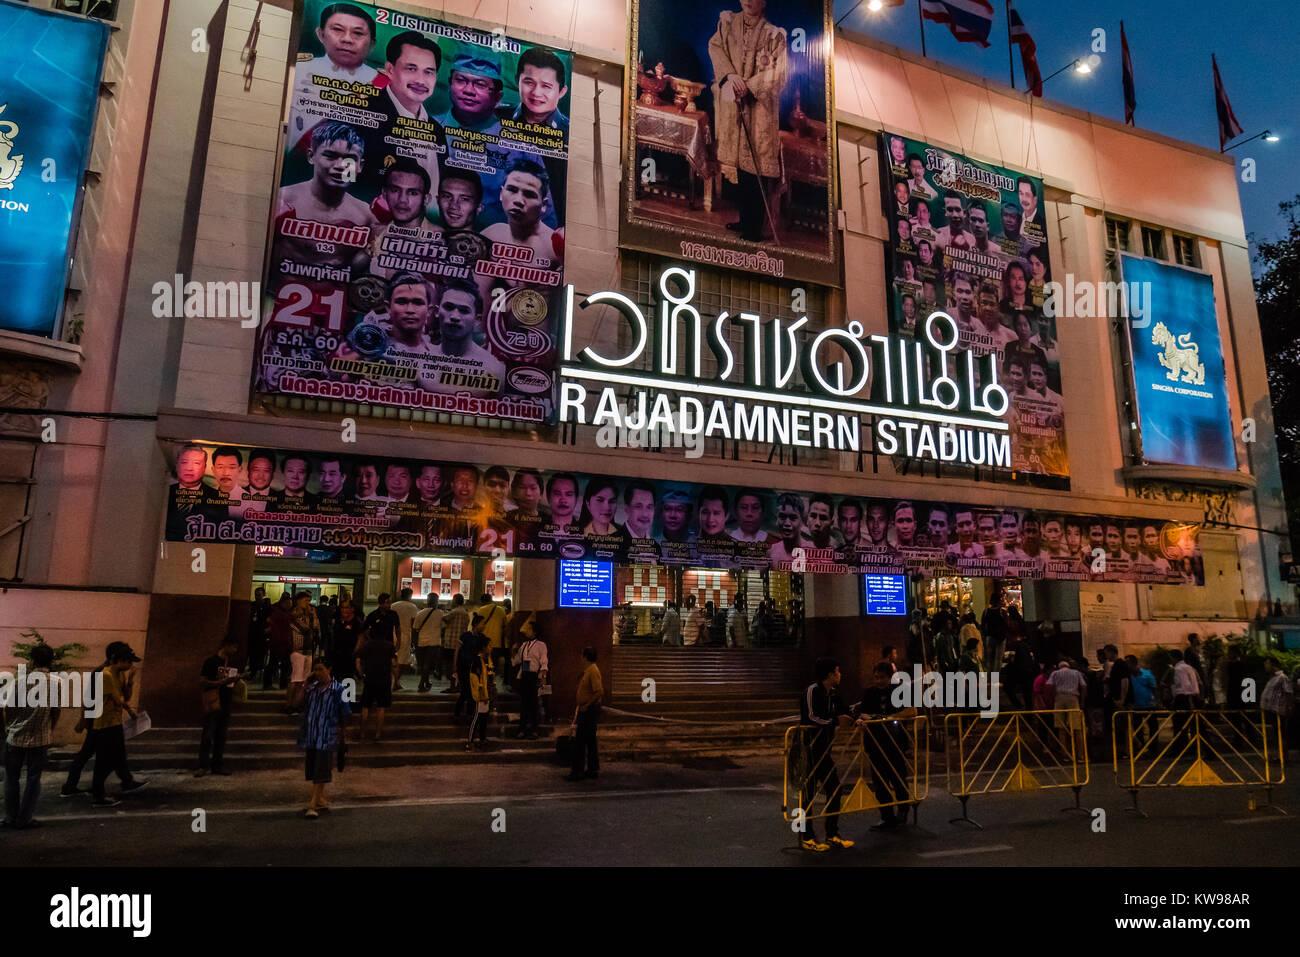 thai boxing stadium - Stock Image